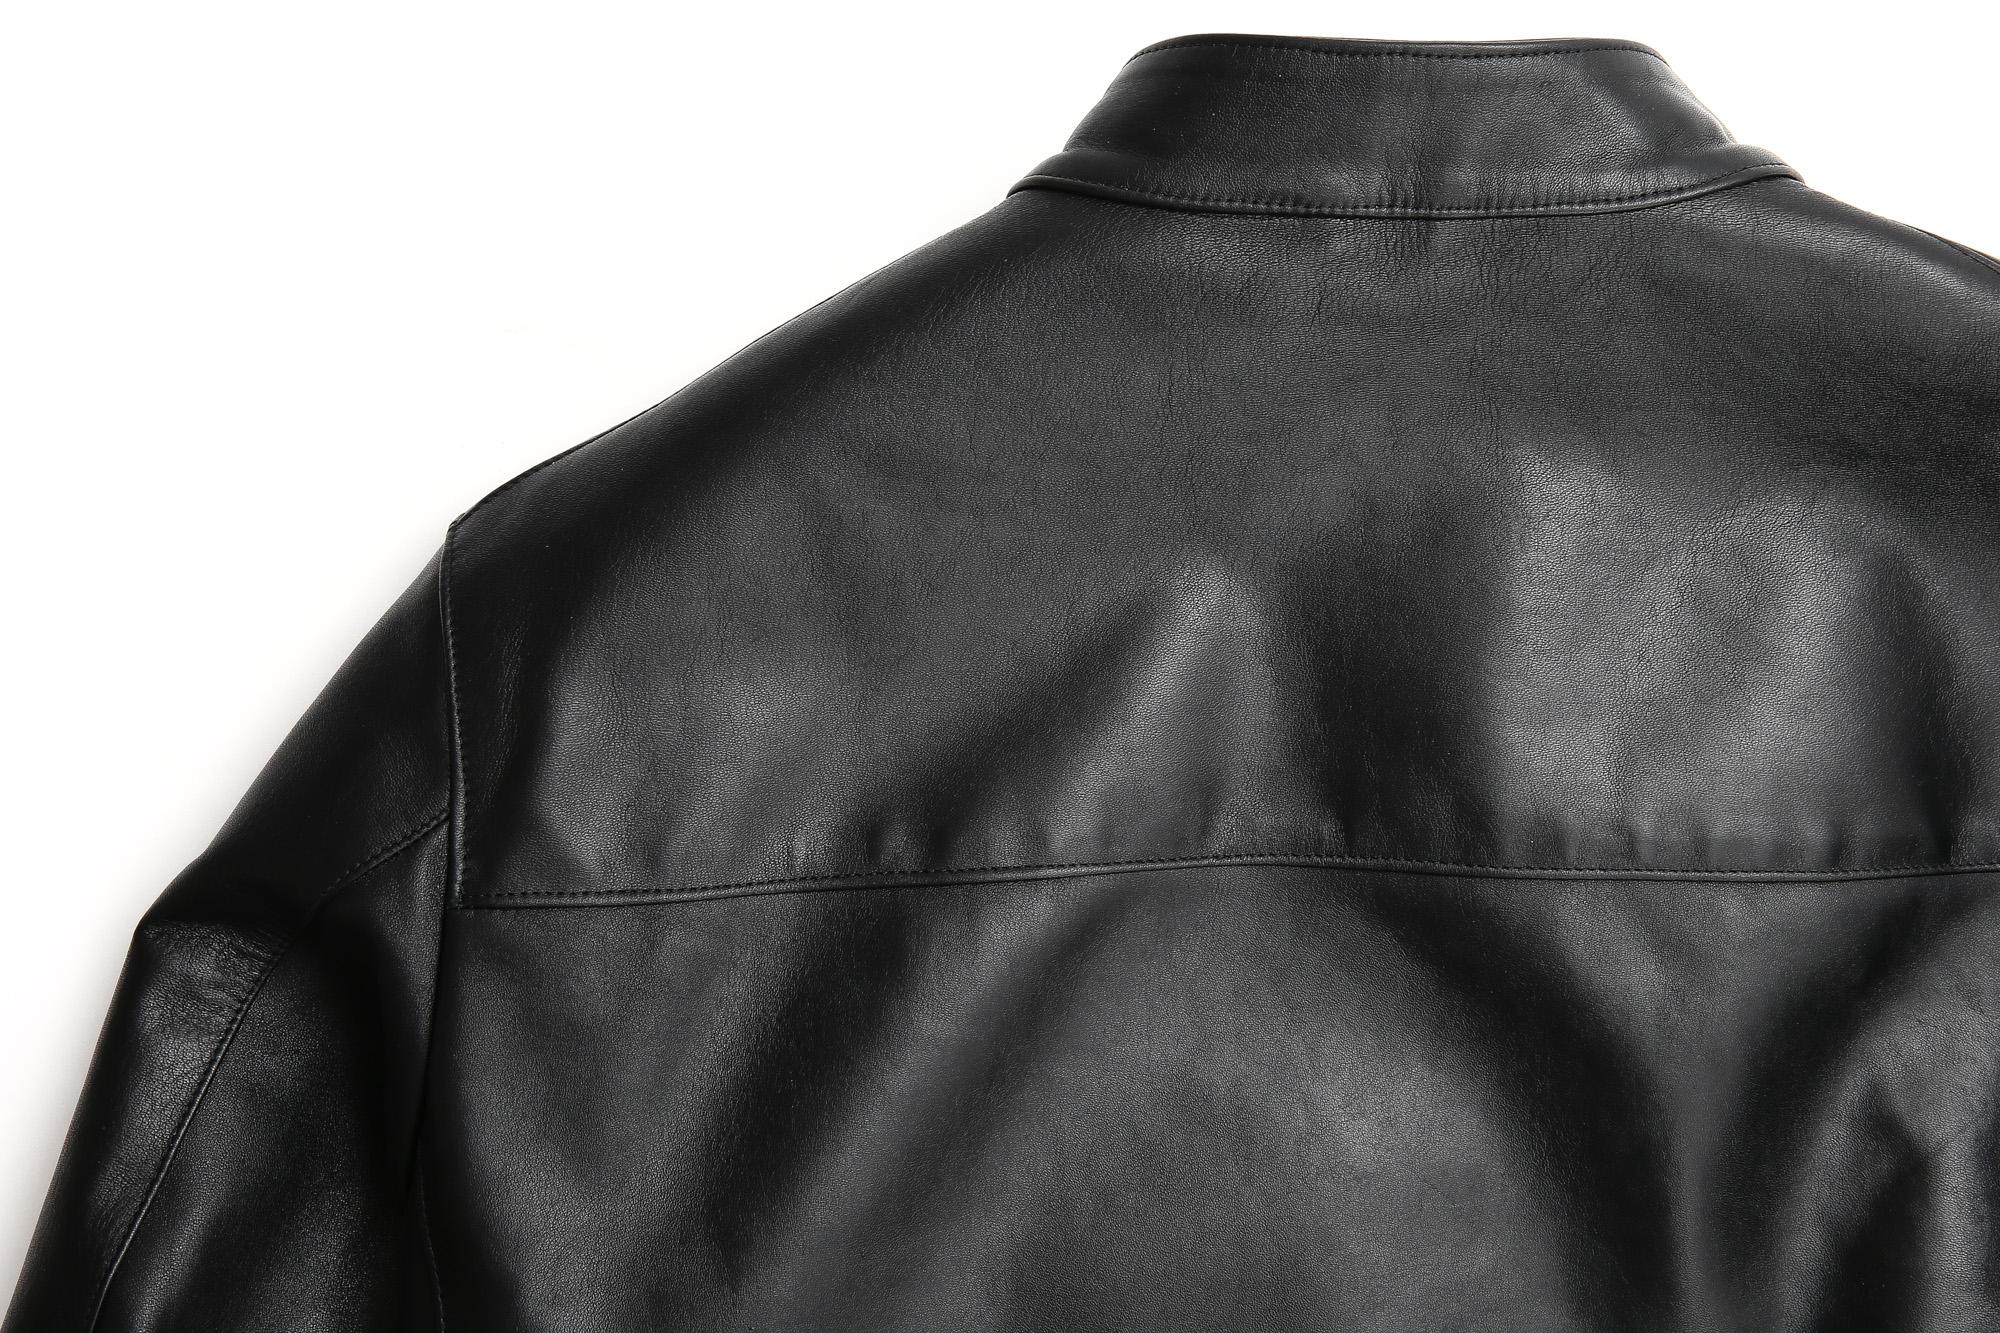 CINQUANTA(チンクアンタ) 6621/1 STAND COLLAR RIDERS CAVALLO (スタンドカラージャケット) HORSE LEATHER(ホースレザー) シングルライダースジャケット BLACK (ブラック・999) Made in italy (イタリア製) 【2 months 着用 Staff私物】cinquanta 愛知 名古屋 ZODIAC ゾディアック